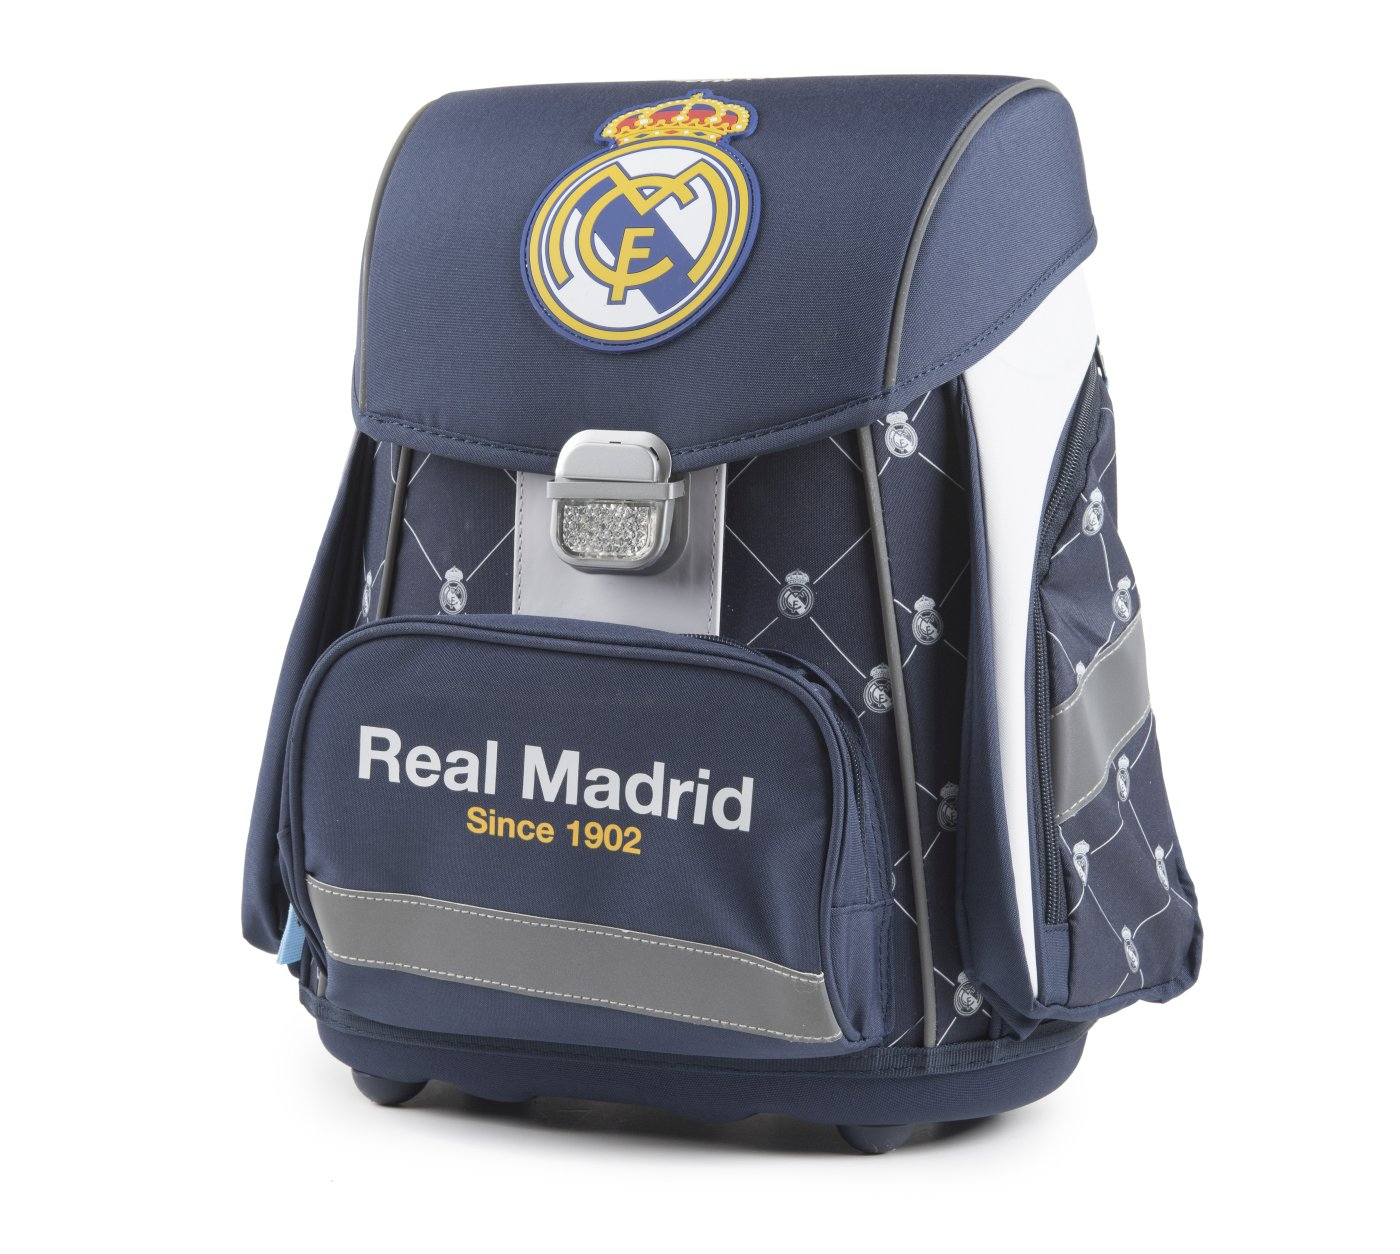 Školní batoh PREMIUM Real Madrid - Školní potřeby » BATOHY A AKTOVKY ... caa187d120